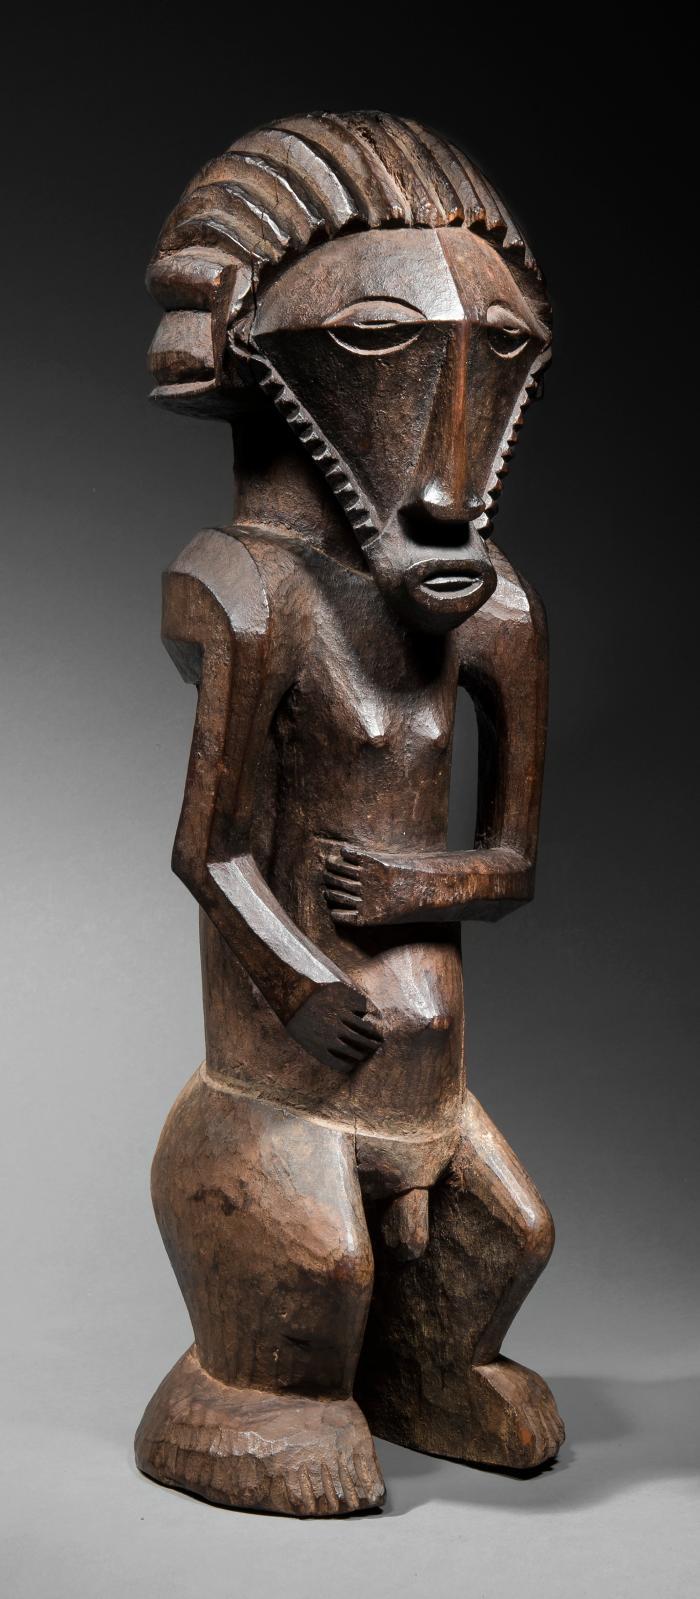 République démocratique du Congo. Statue d'ancêtre bembe, bois à patine brune épaisse et laquée, pigments et feuilles, h. 47cm. Adjugé: 683500€